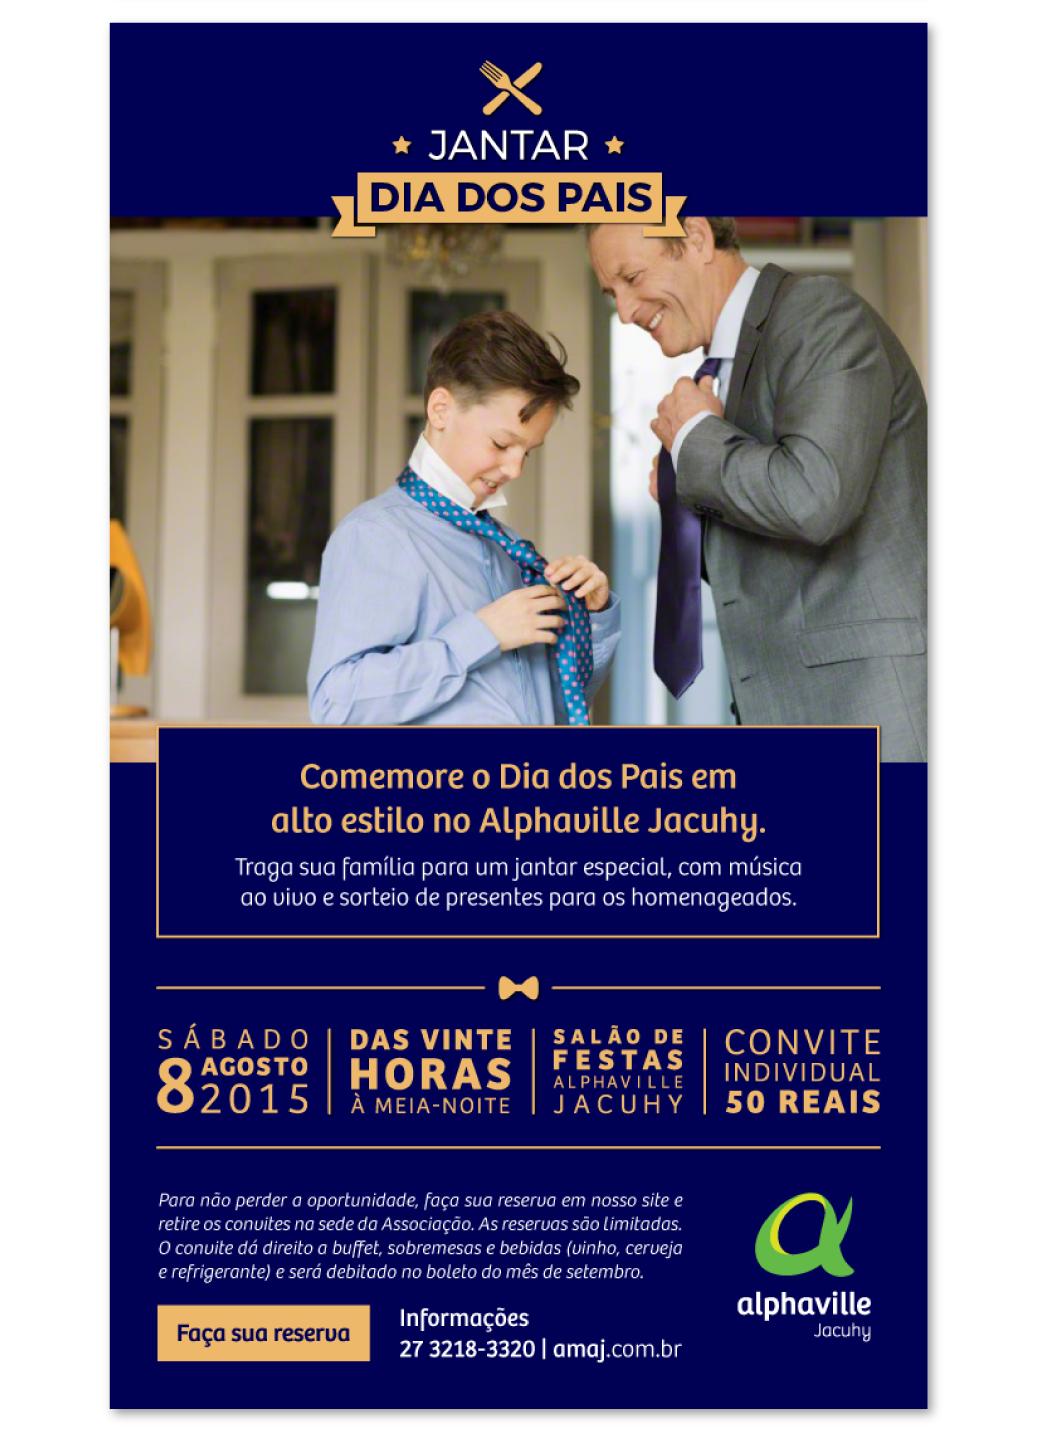 wce-site-novo-2016-portfolio-alphaville-dia-das-maes-e-dia-dos-pais2